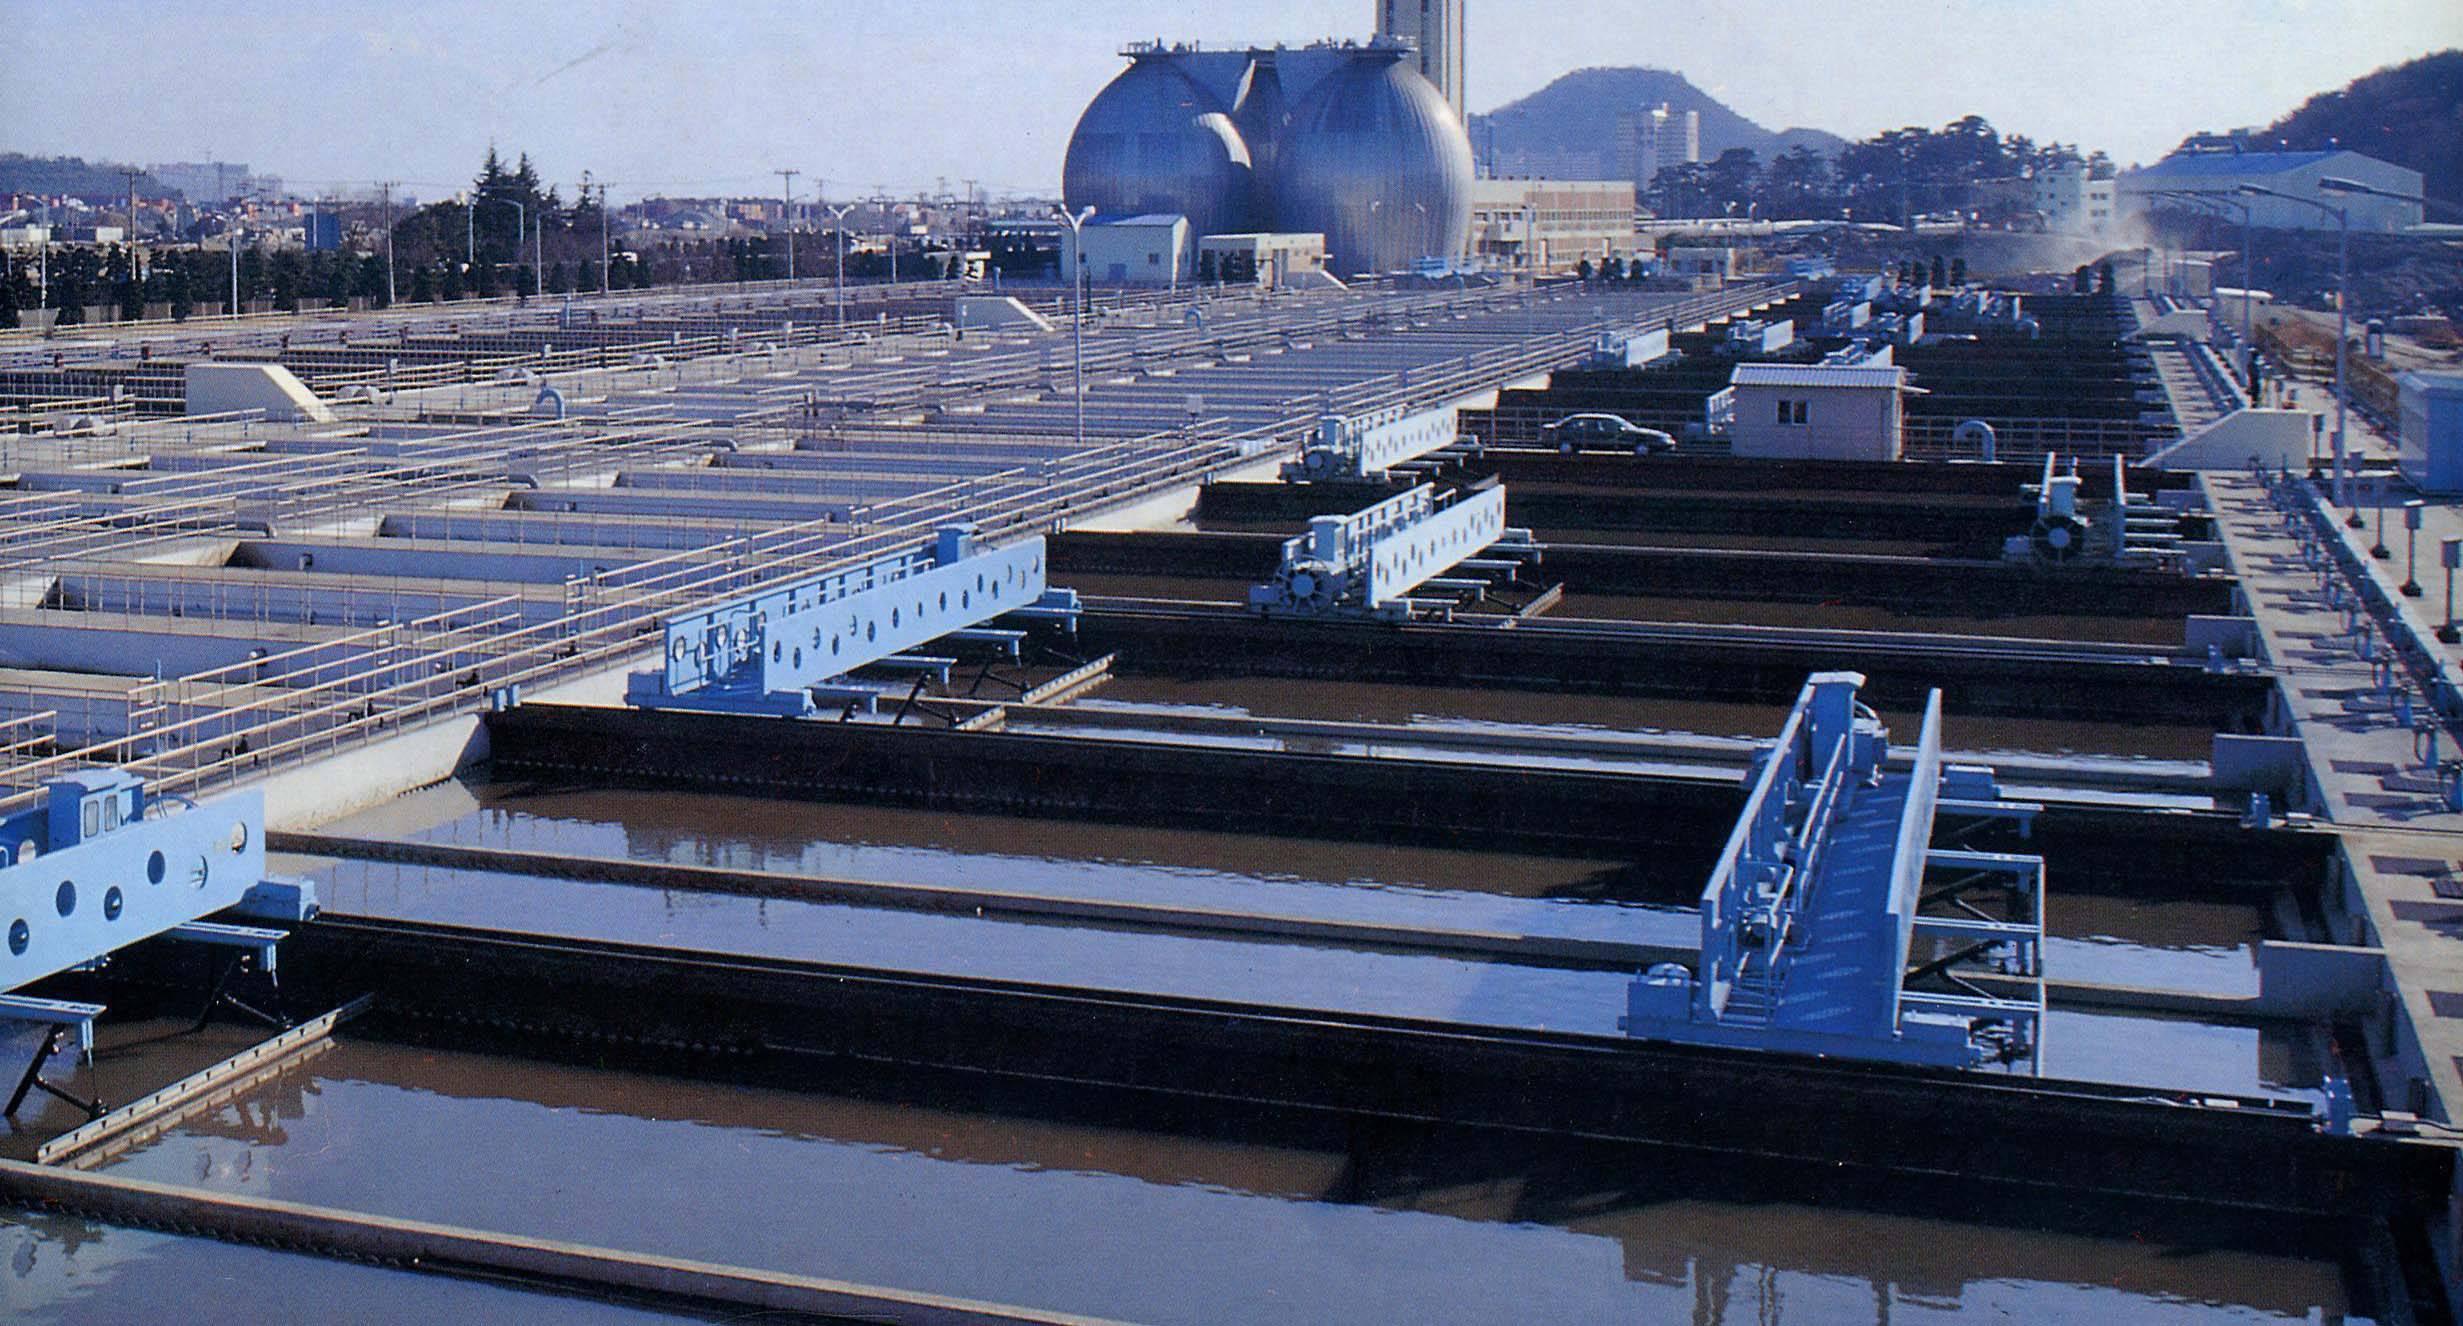 Сооружение для отчистки воды